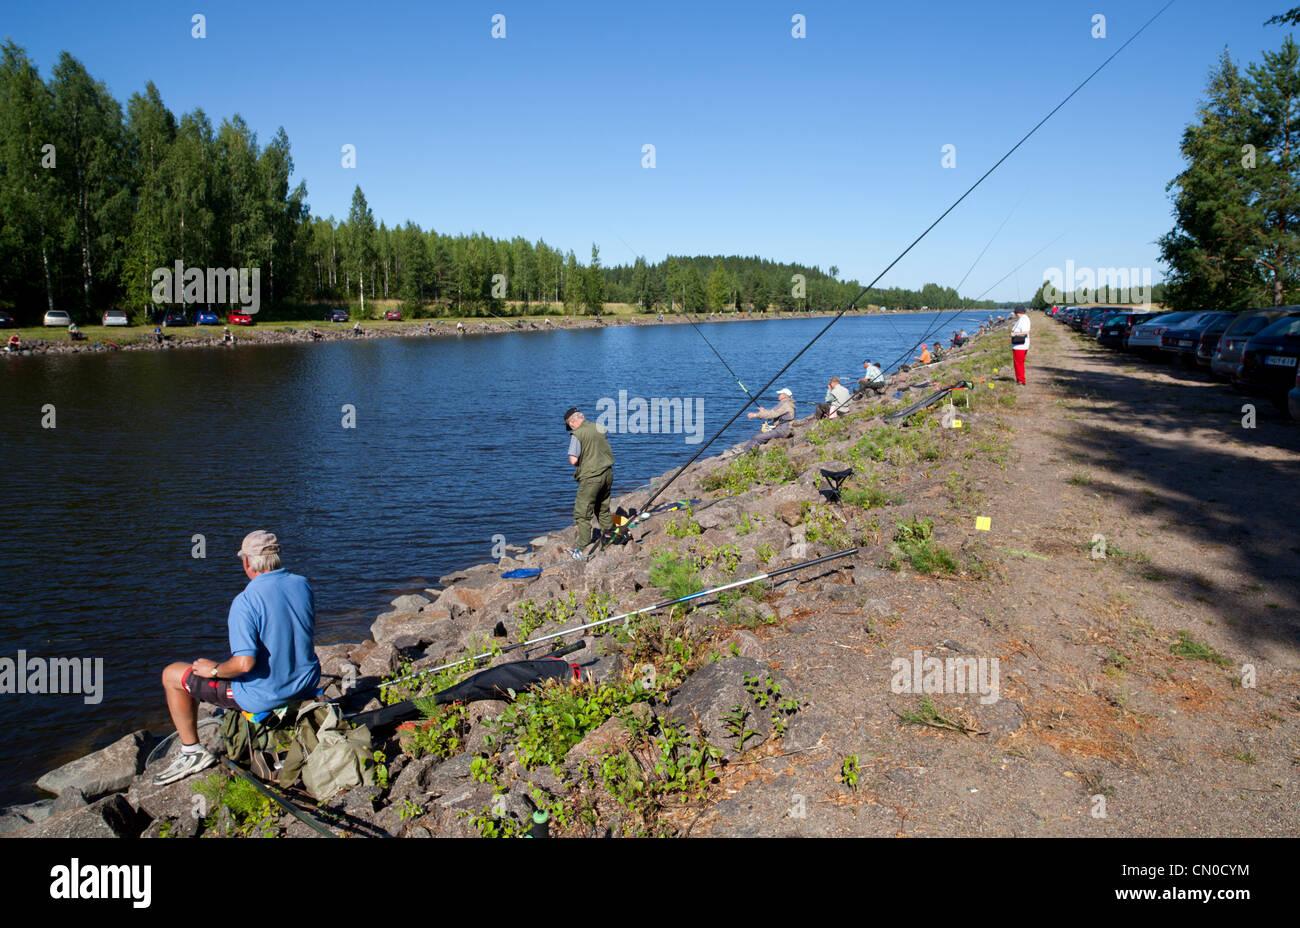 Il finlandese campionati nazionali di pesca sportiva 2011 a Kansola Saimaa Canal. Il veterano della serie (60+). Immagini Stock